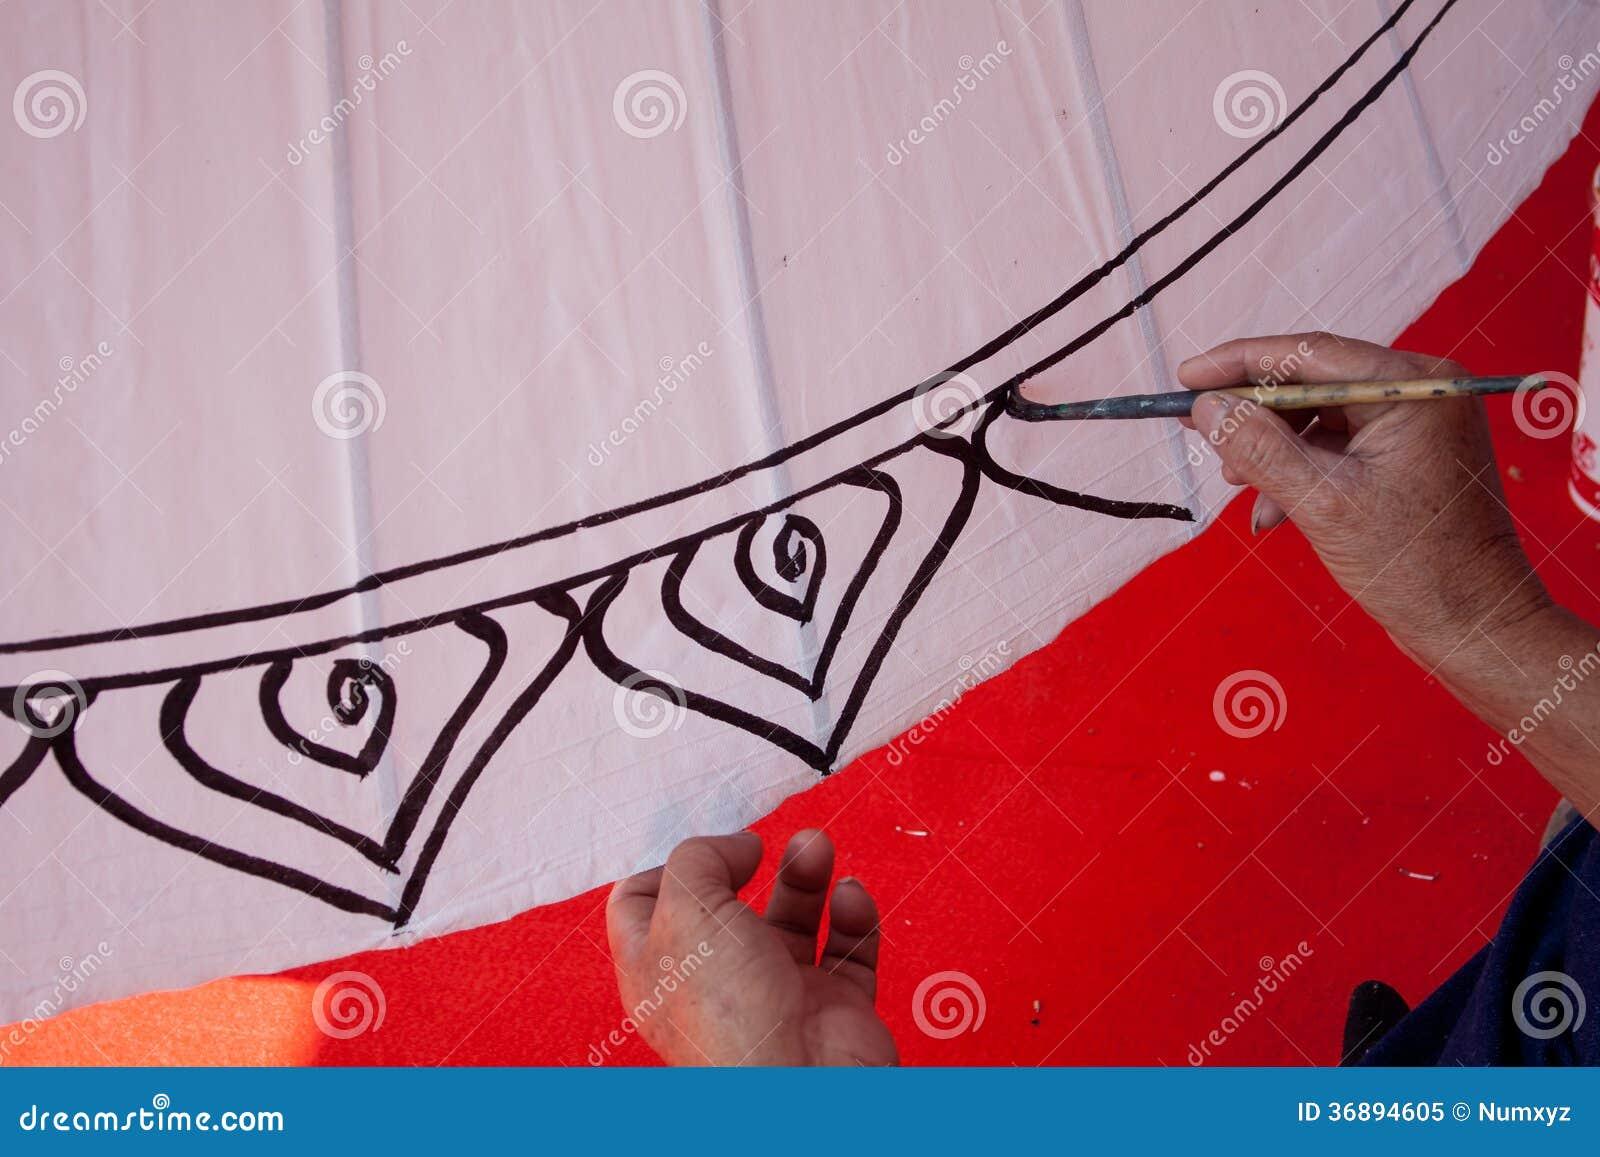 Download La Coloritura Dipinge L'ombrello Fatto Di Carta/di Tessuto. Arti E Immagine Stock - Immagine di colore, particolare: 36894605